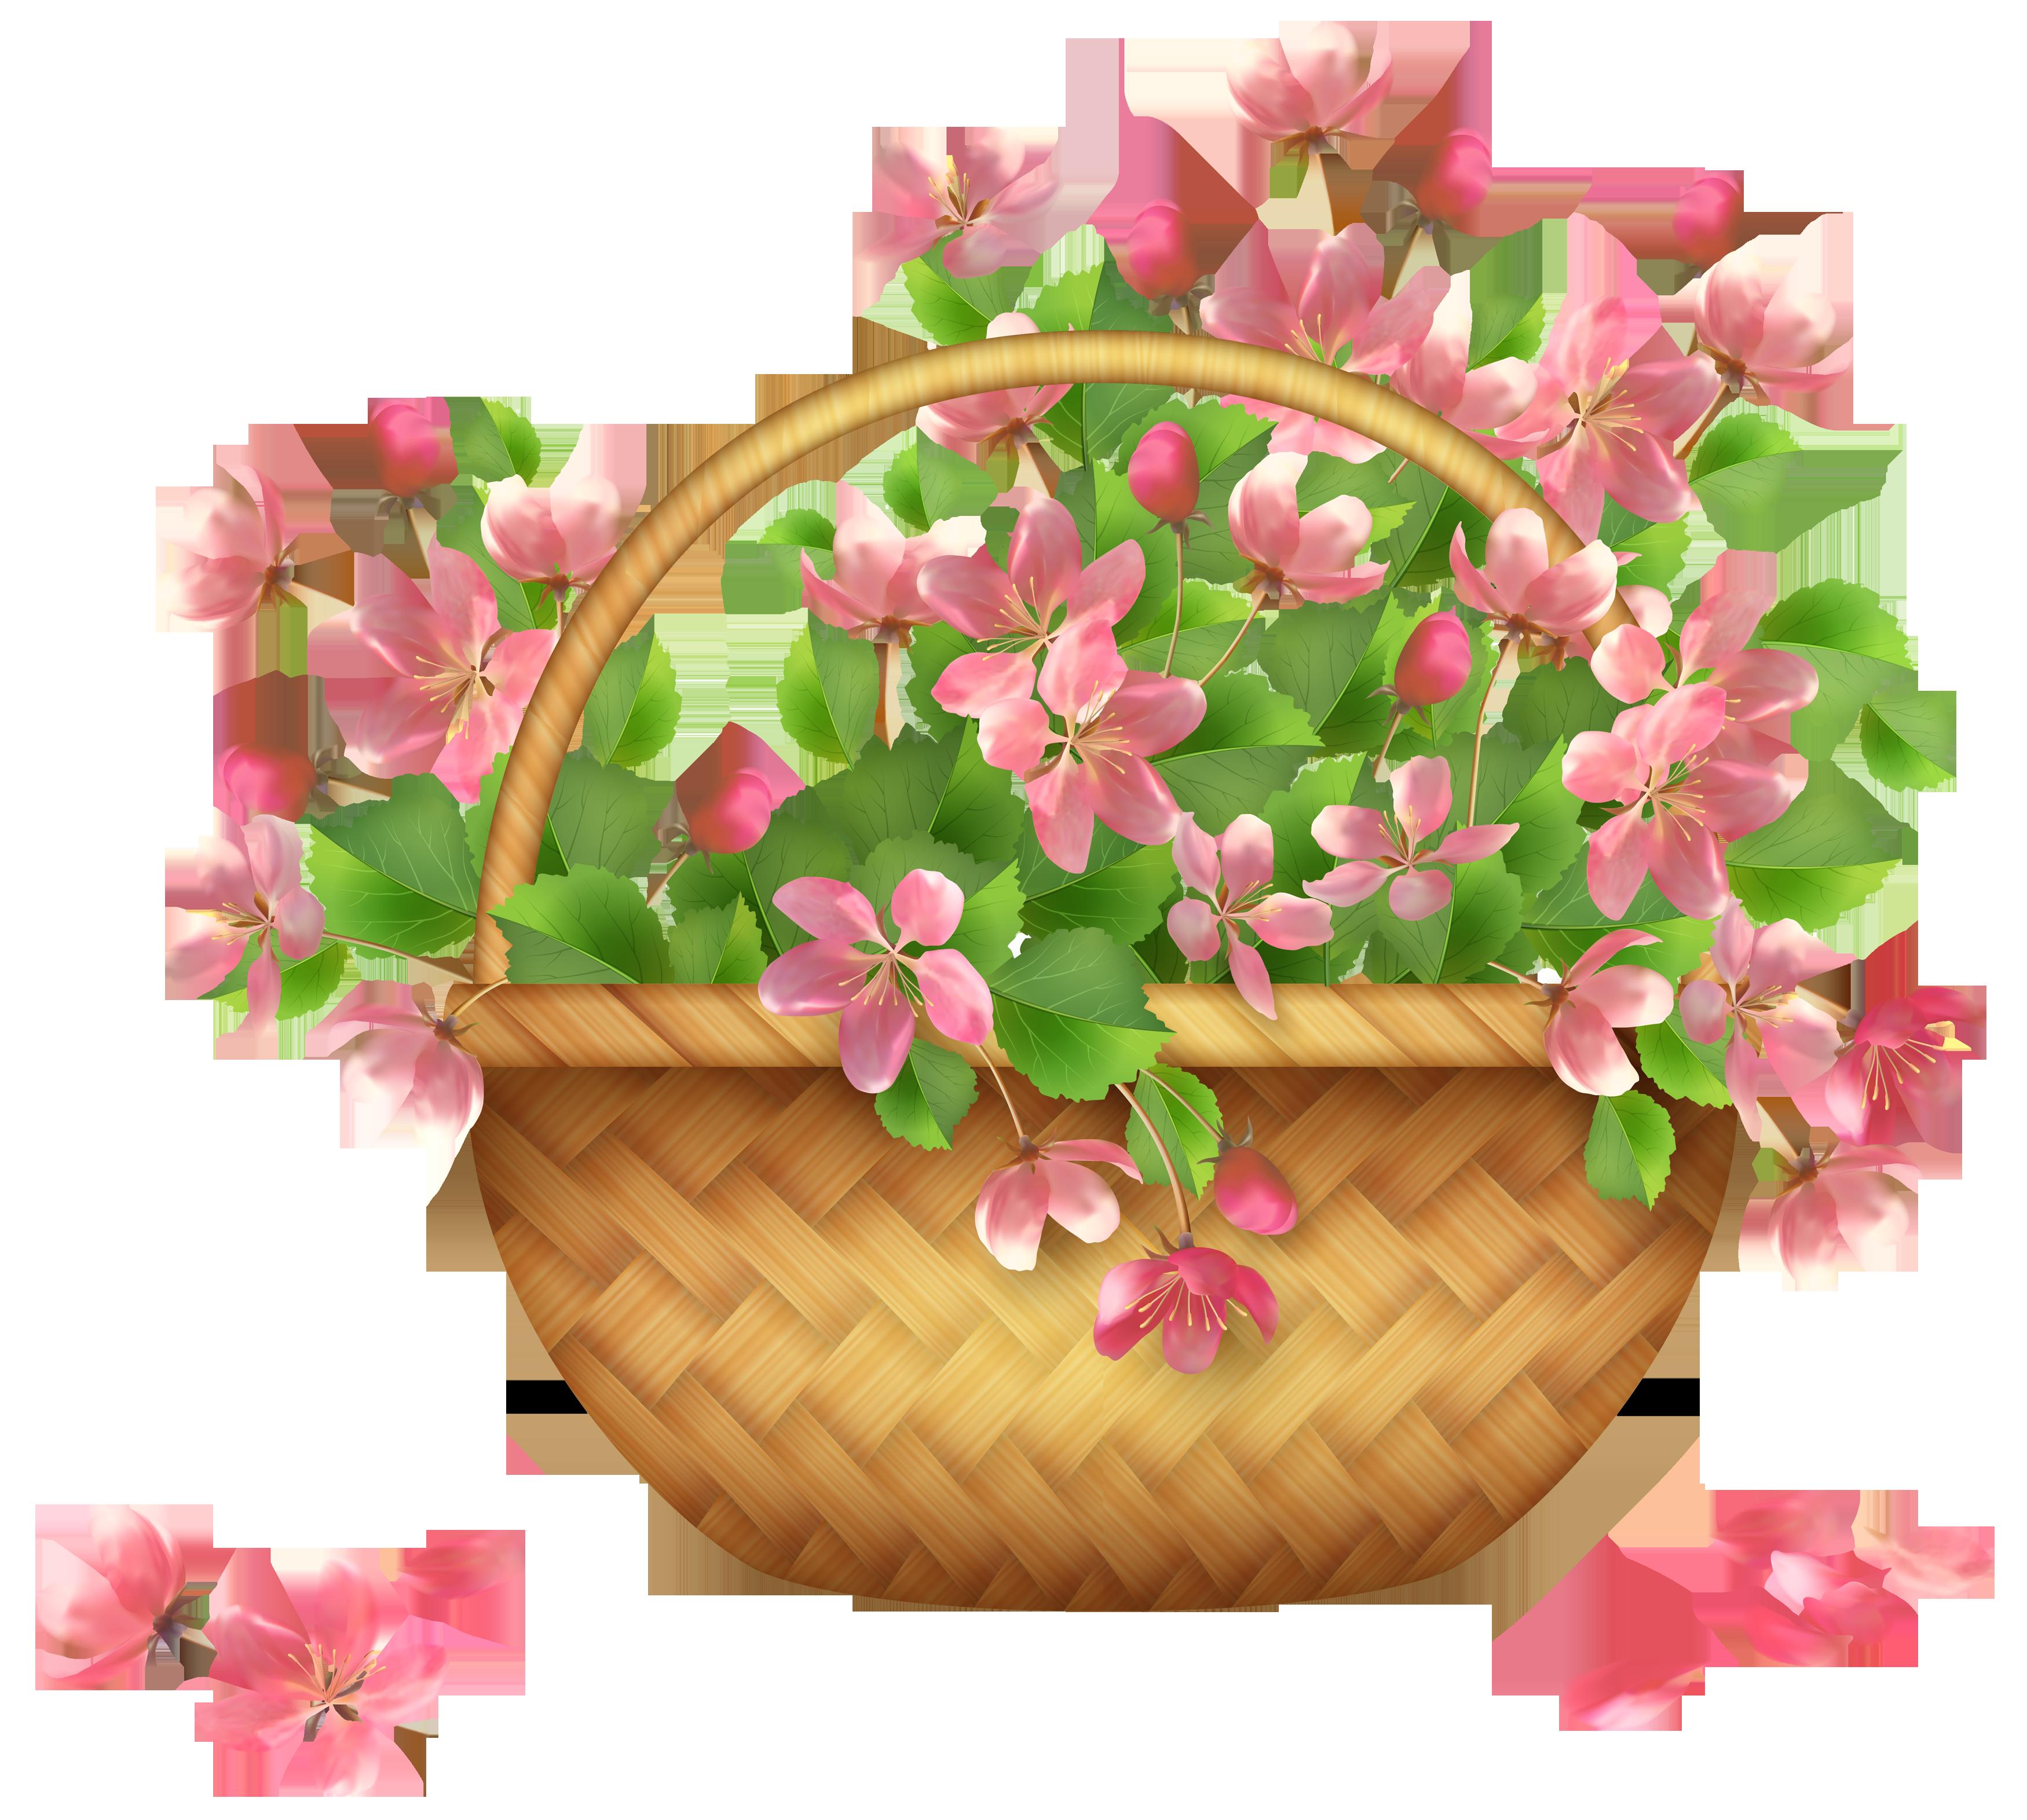 Clipart flower basket jpg transparent Spring Flower Basket PNG Clipart   Gallery Yopriceville - High ... jpg transparent